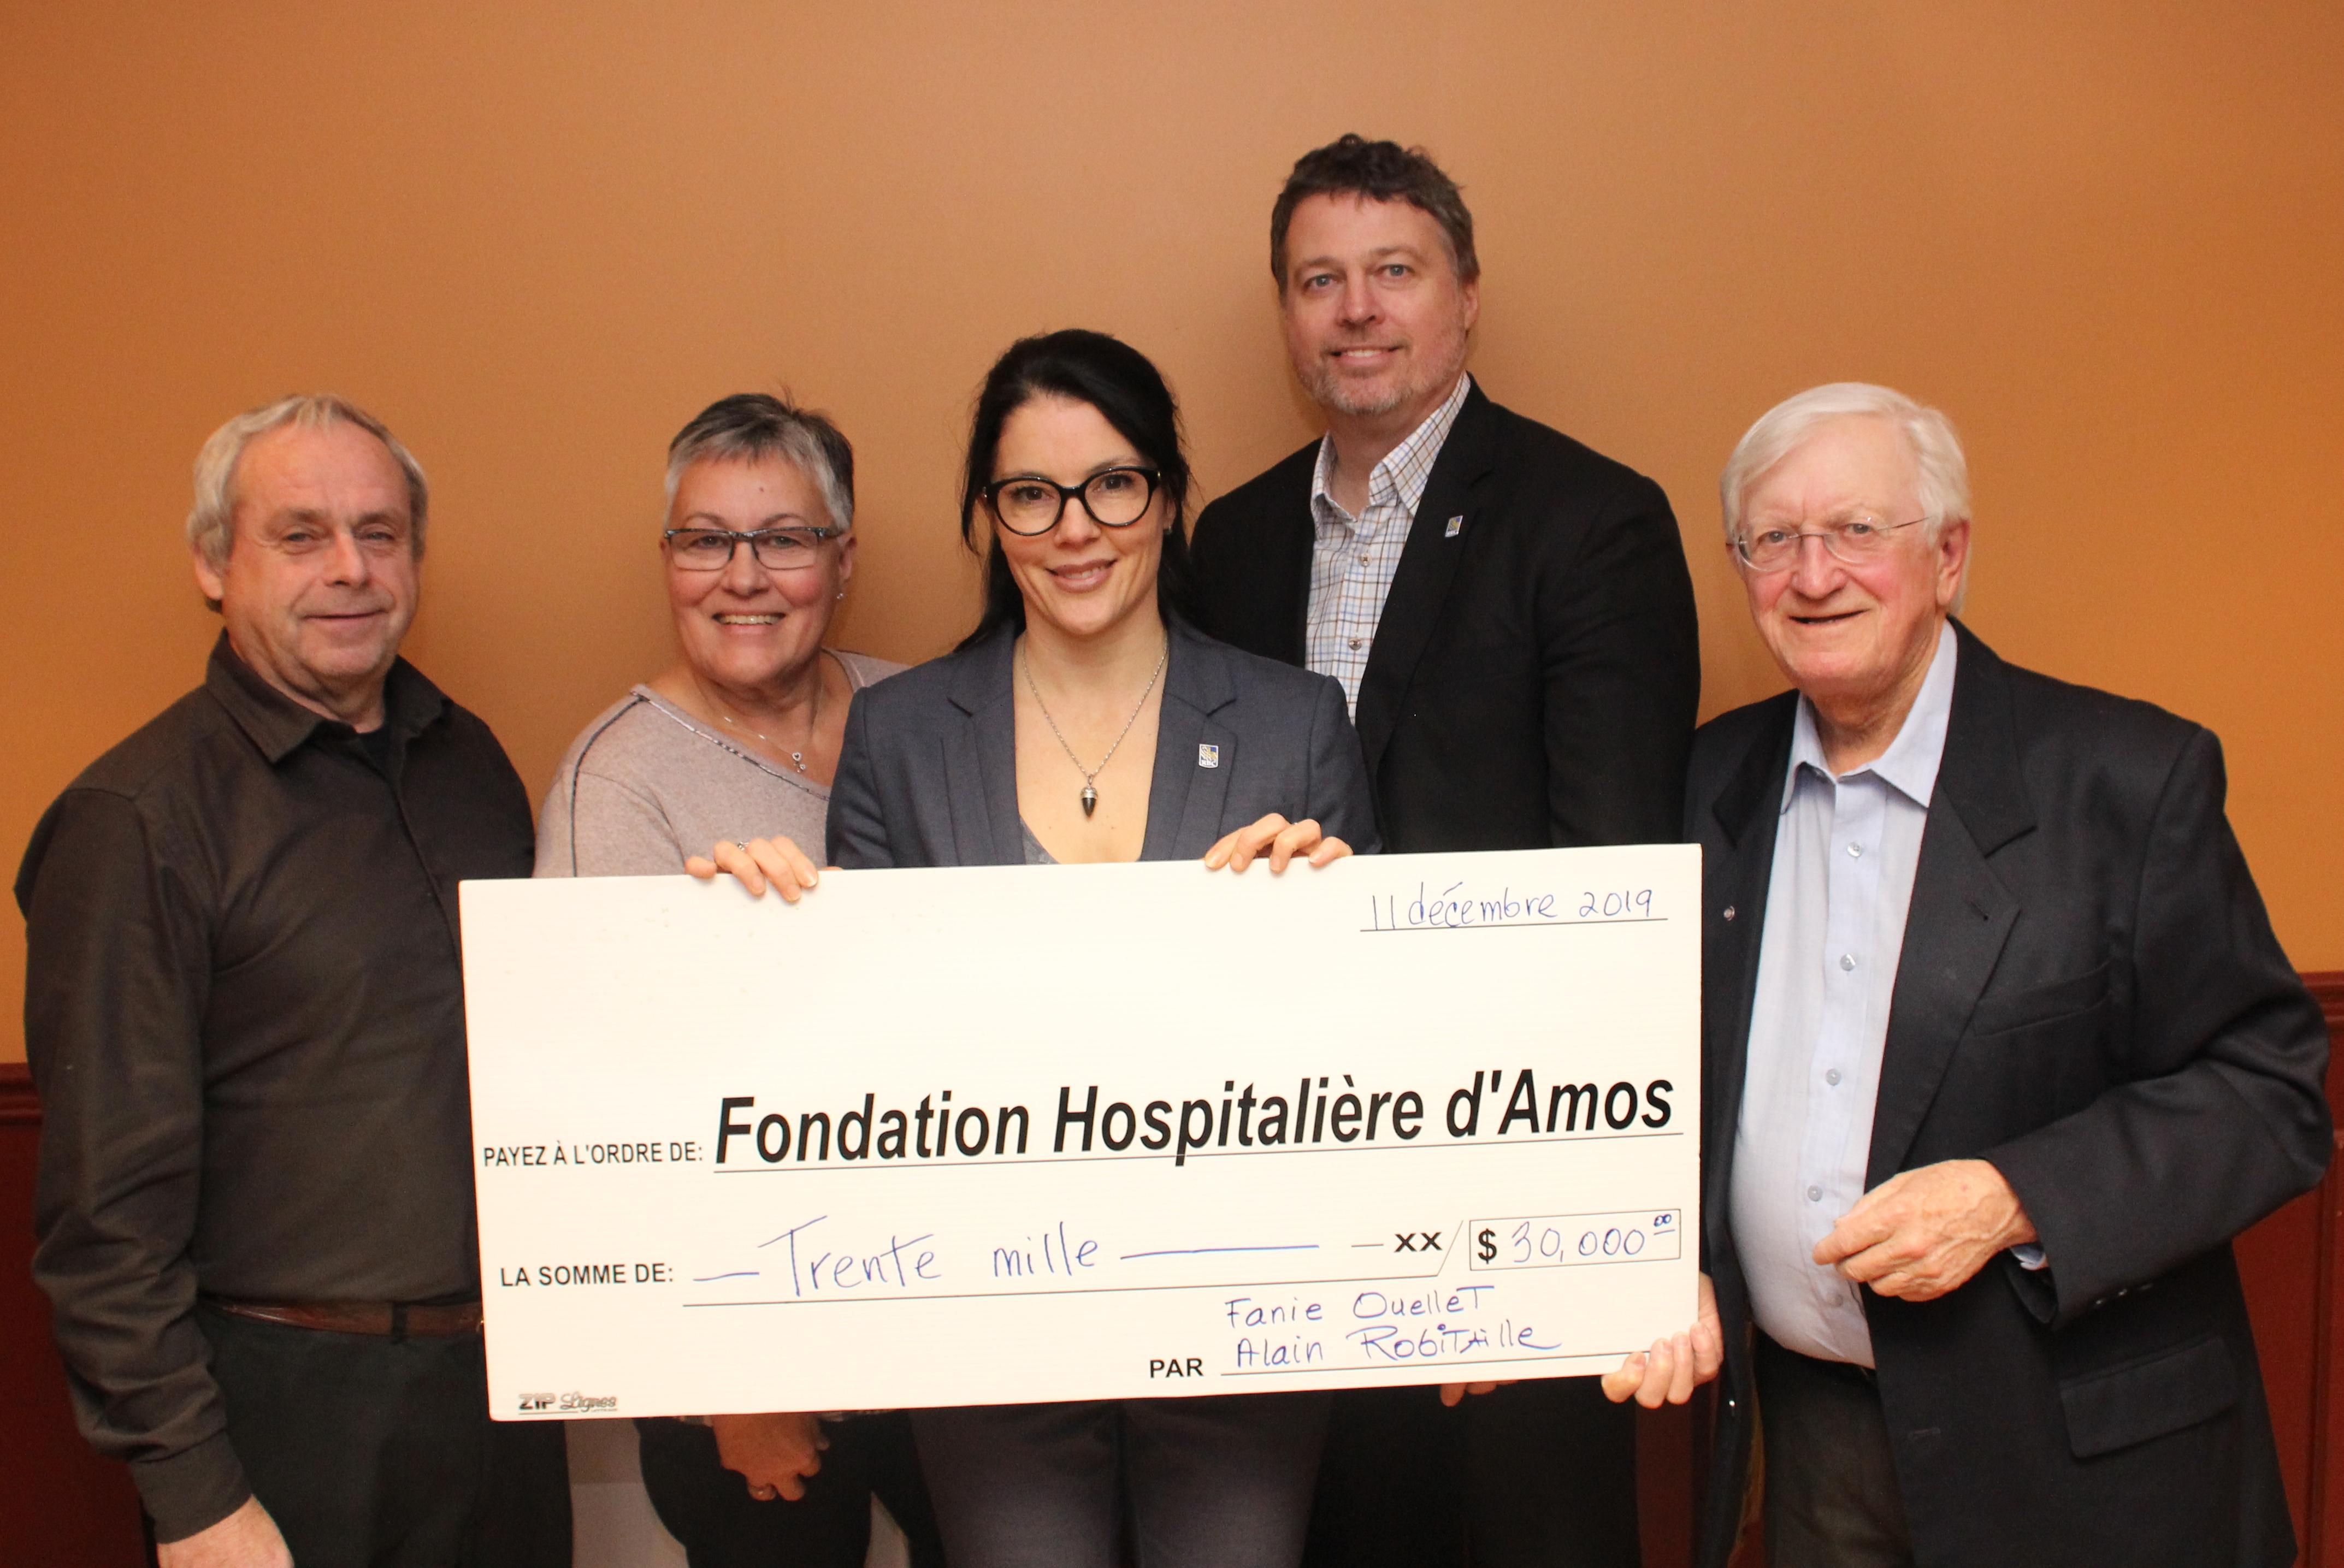 Fondation hospitalière Amos